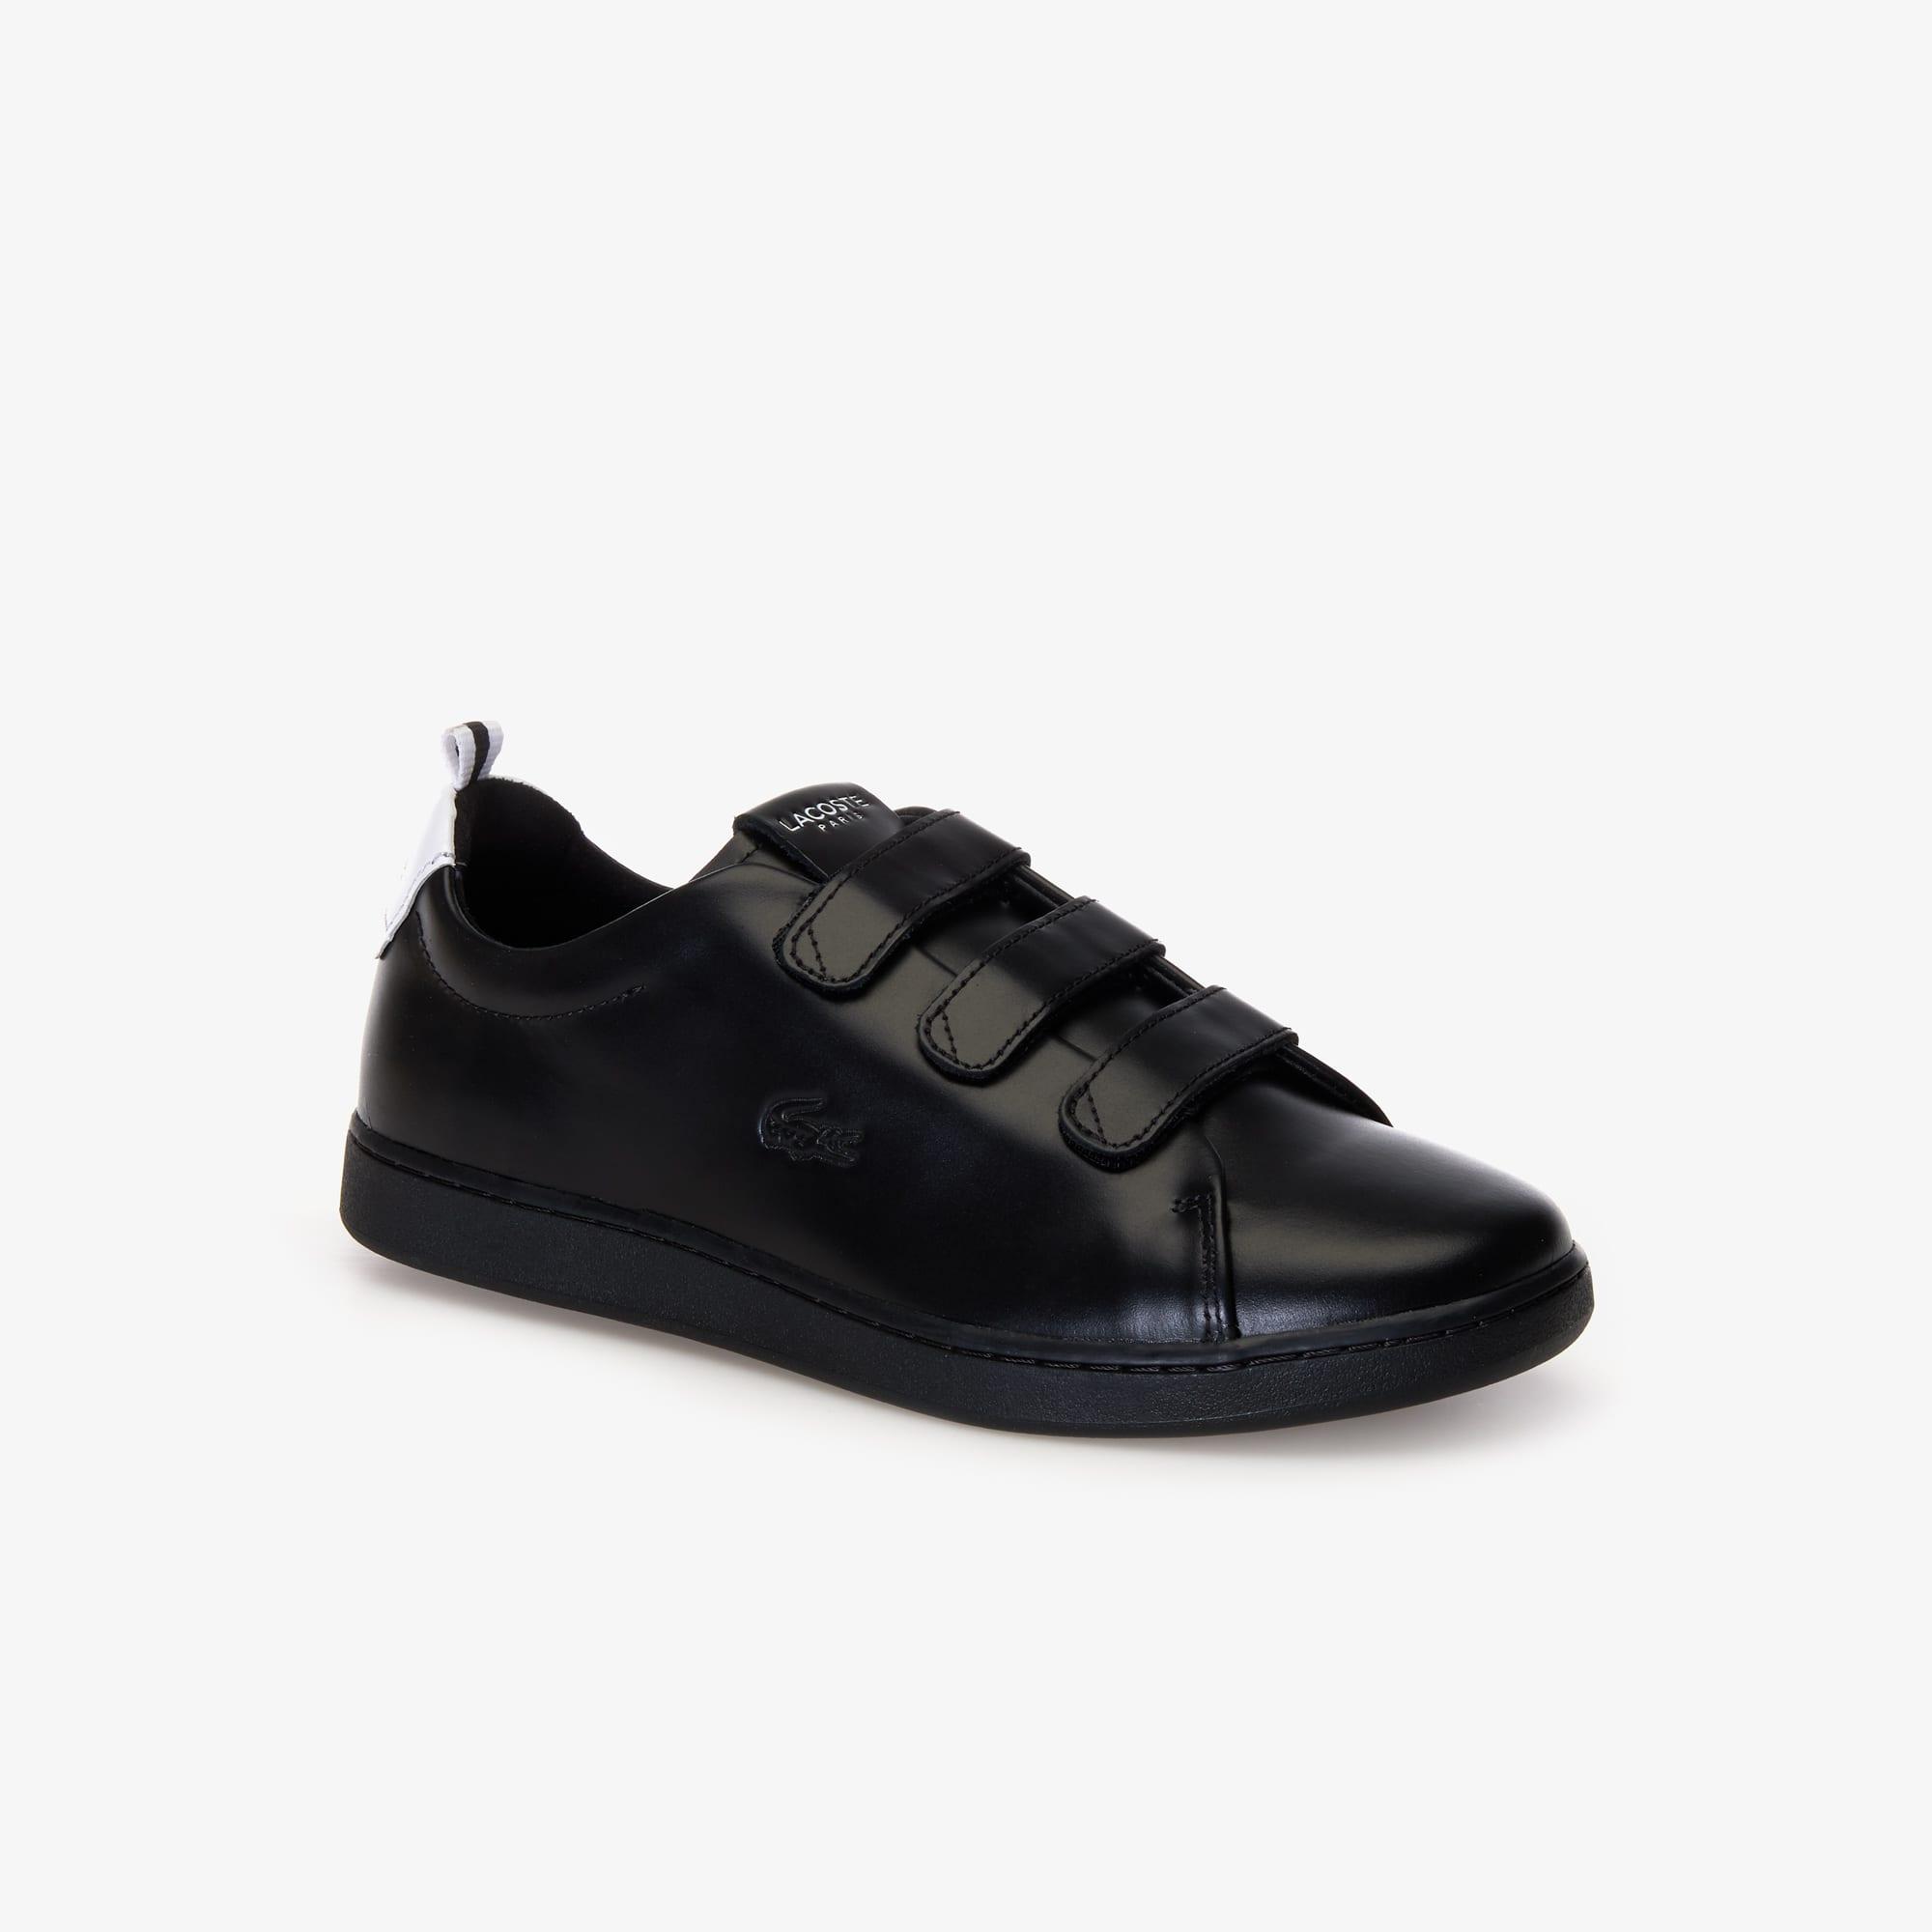 promo code d1008 0901d Men s Shoes   Shoes for Men   LACOSTE